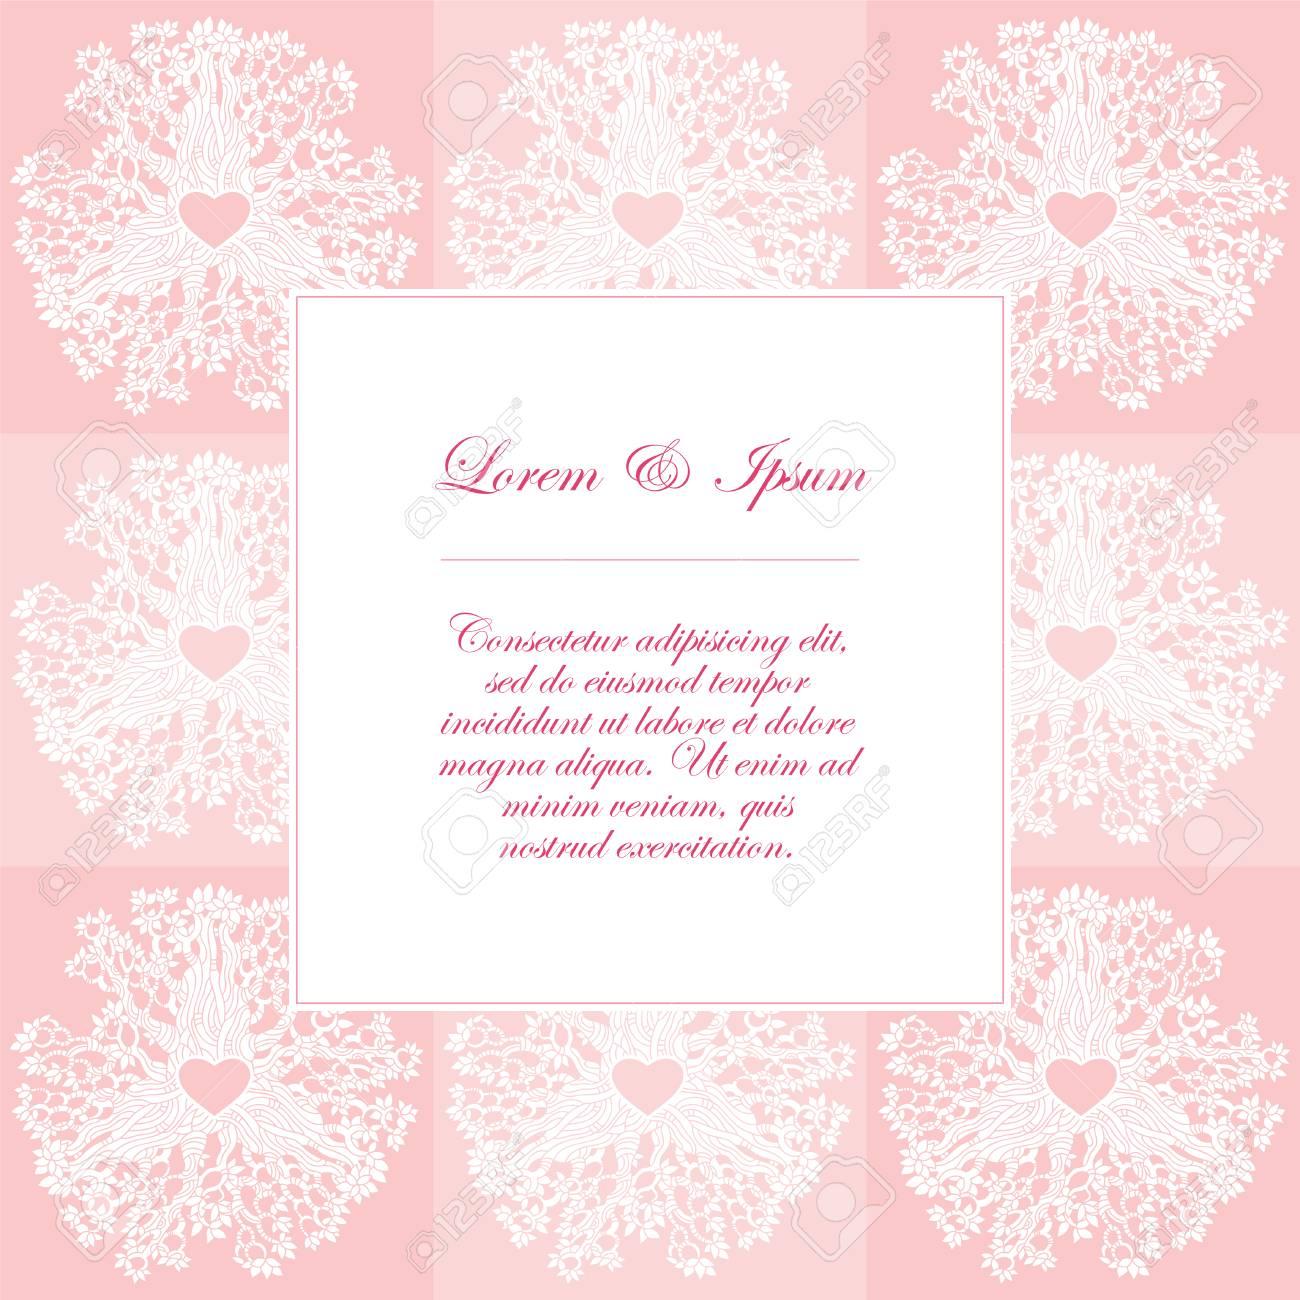 Modelo Del Vector De Las Tarjetas De Invitación De Boda Con Elementos Florales Usted Puede Diseñar Tarjetas De Invitación Cuaderno De La Cubierta De